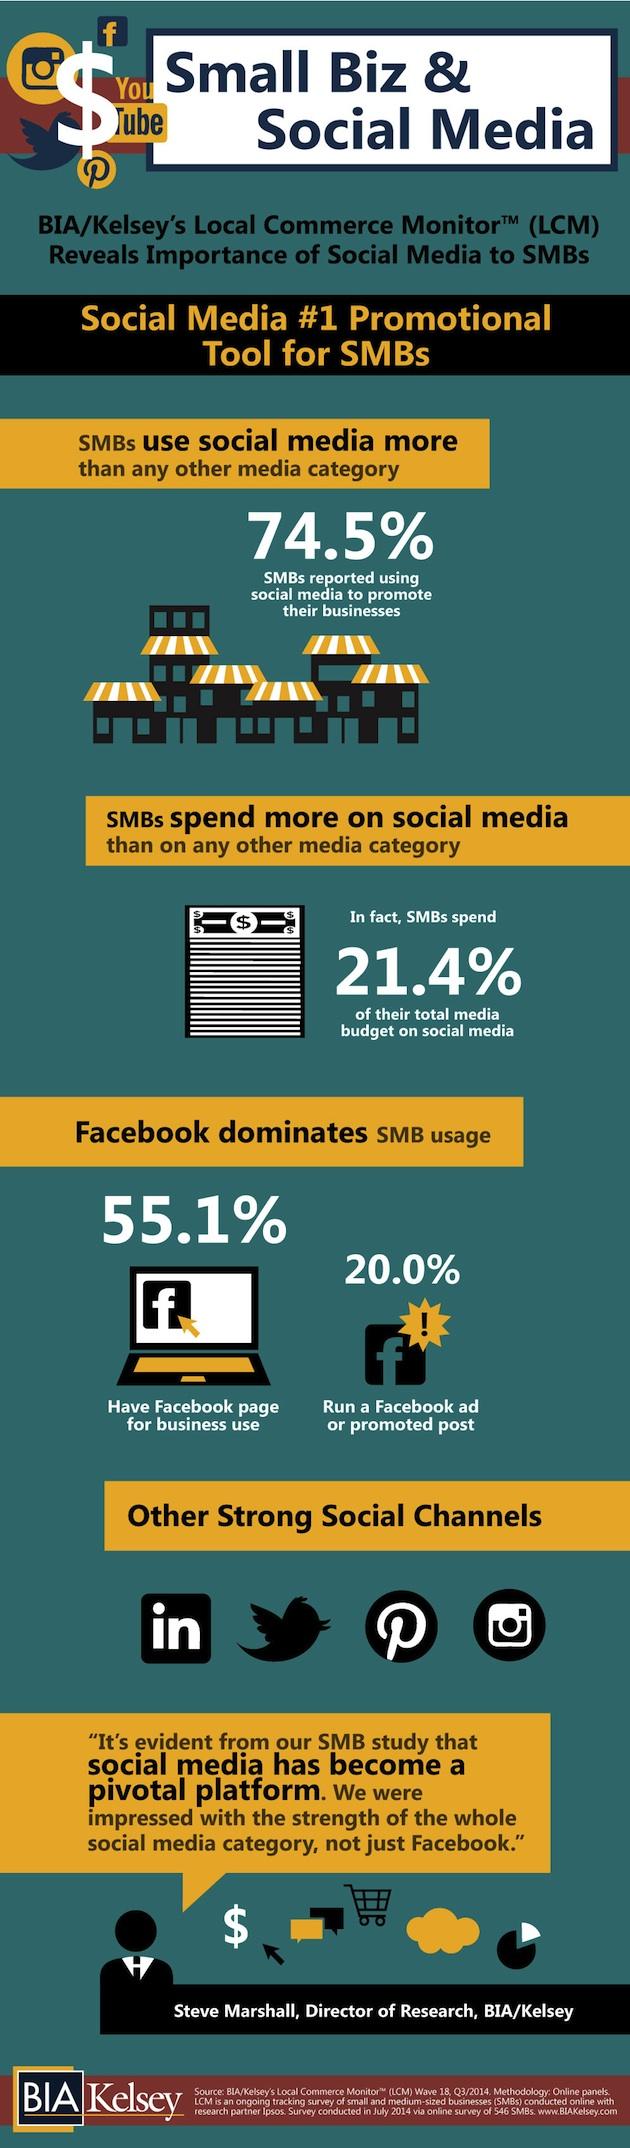 Written by:    Ayaz Nanji (www.marketingprofs.com)